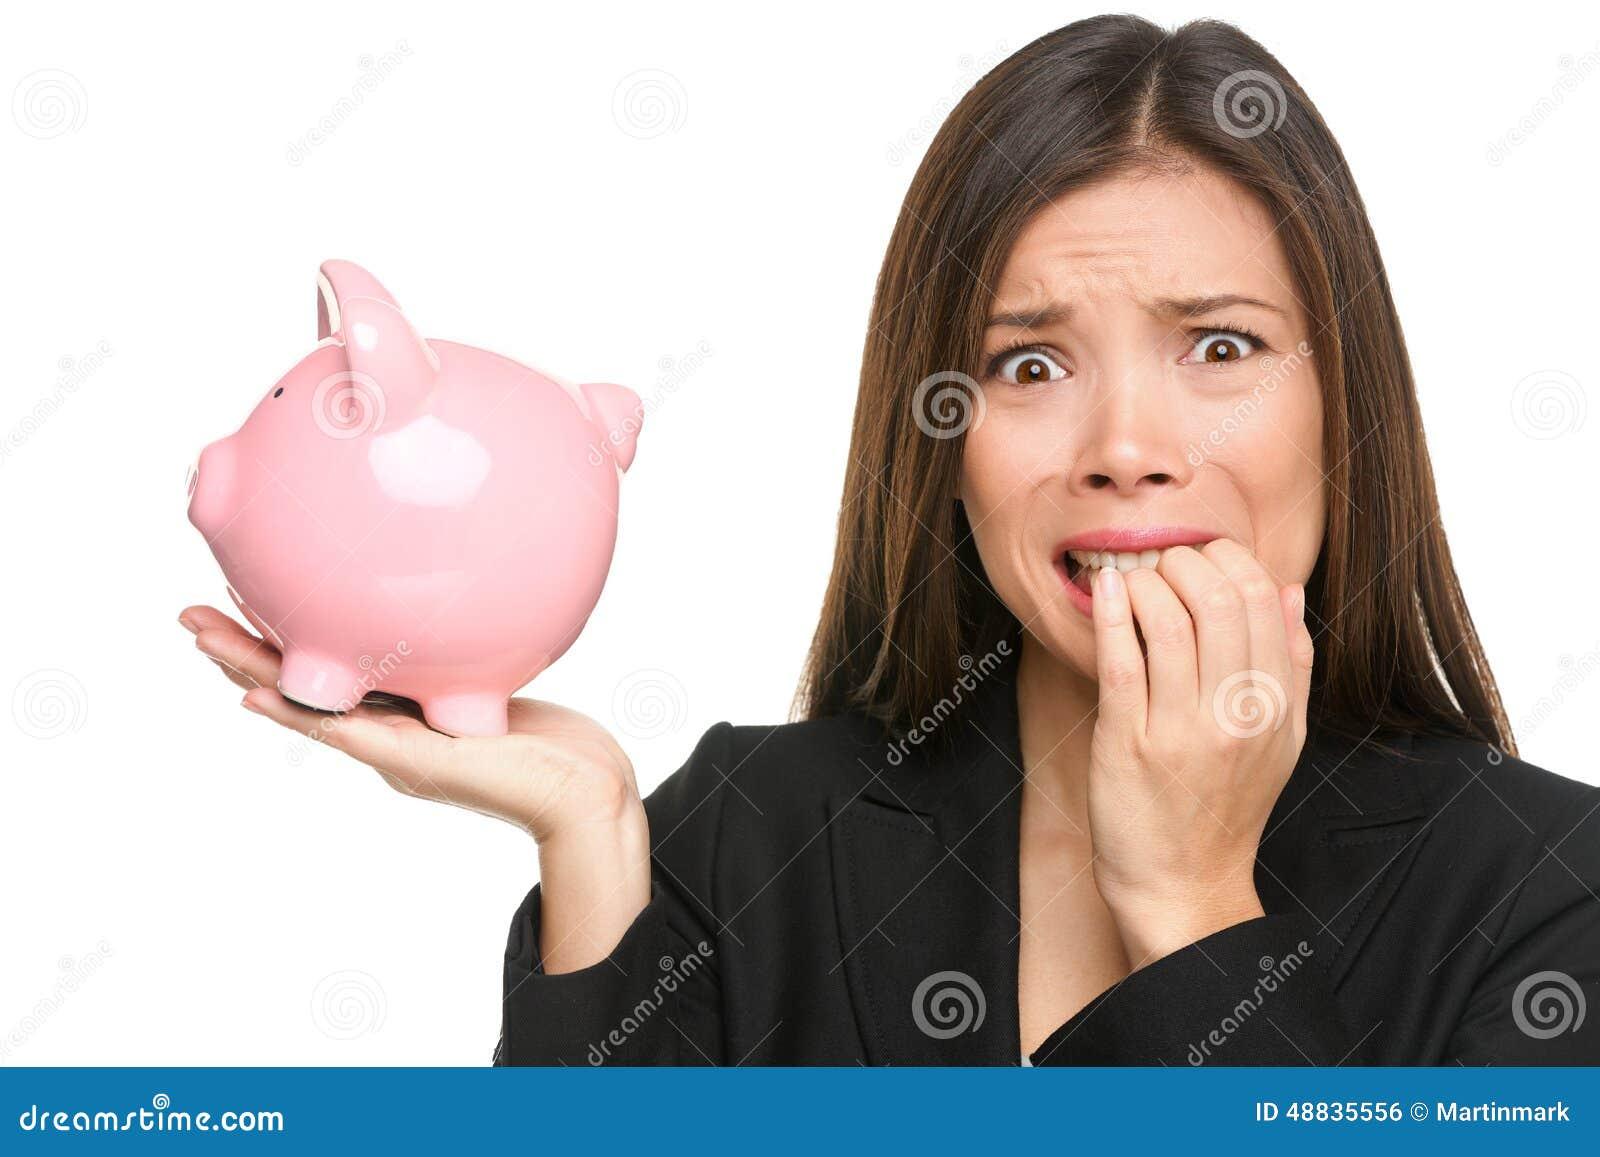 Money stress - business woman holding piggy bank